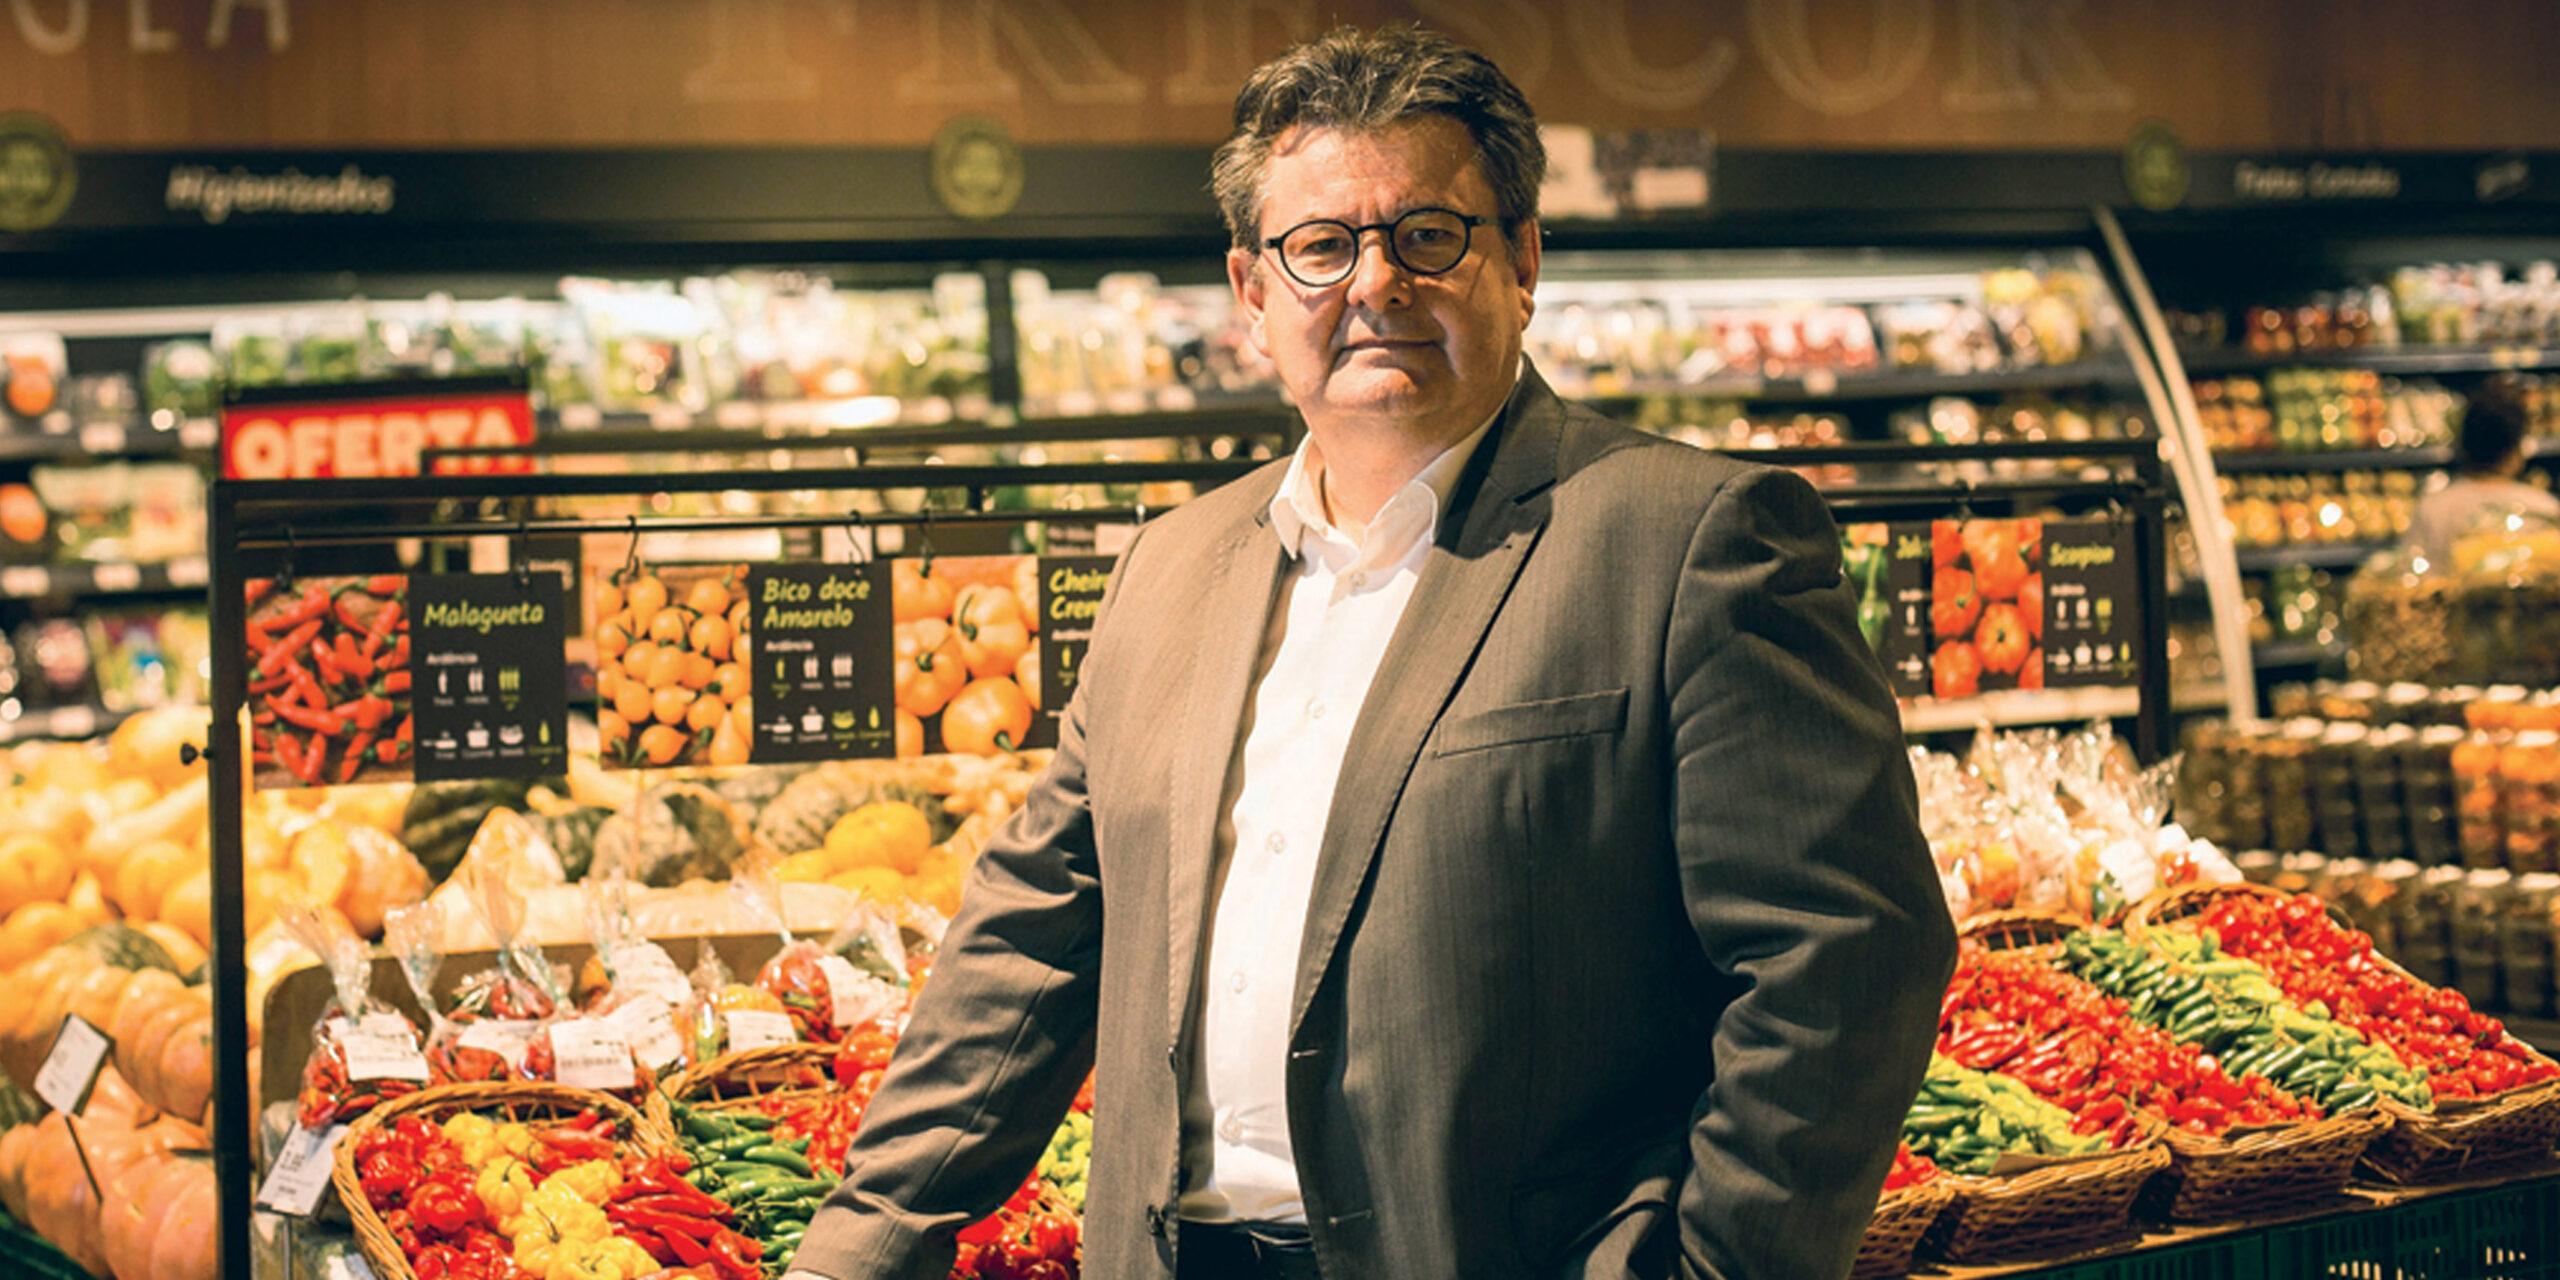 Em tempos de pandemia, Carrefour cresce 12,2% em vendas no primeiro trimestre, dispara no e-commerce e planeja abrir 30 lojas compradas do Makro.